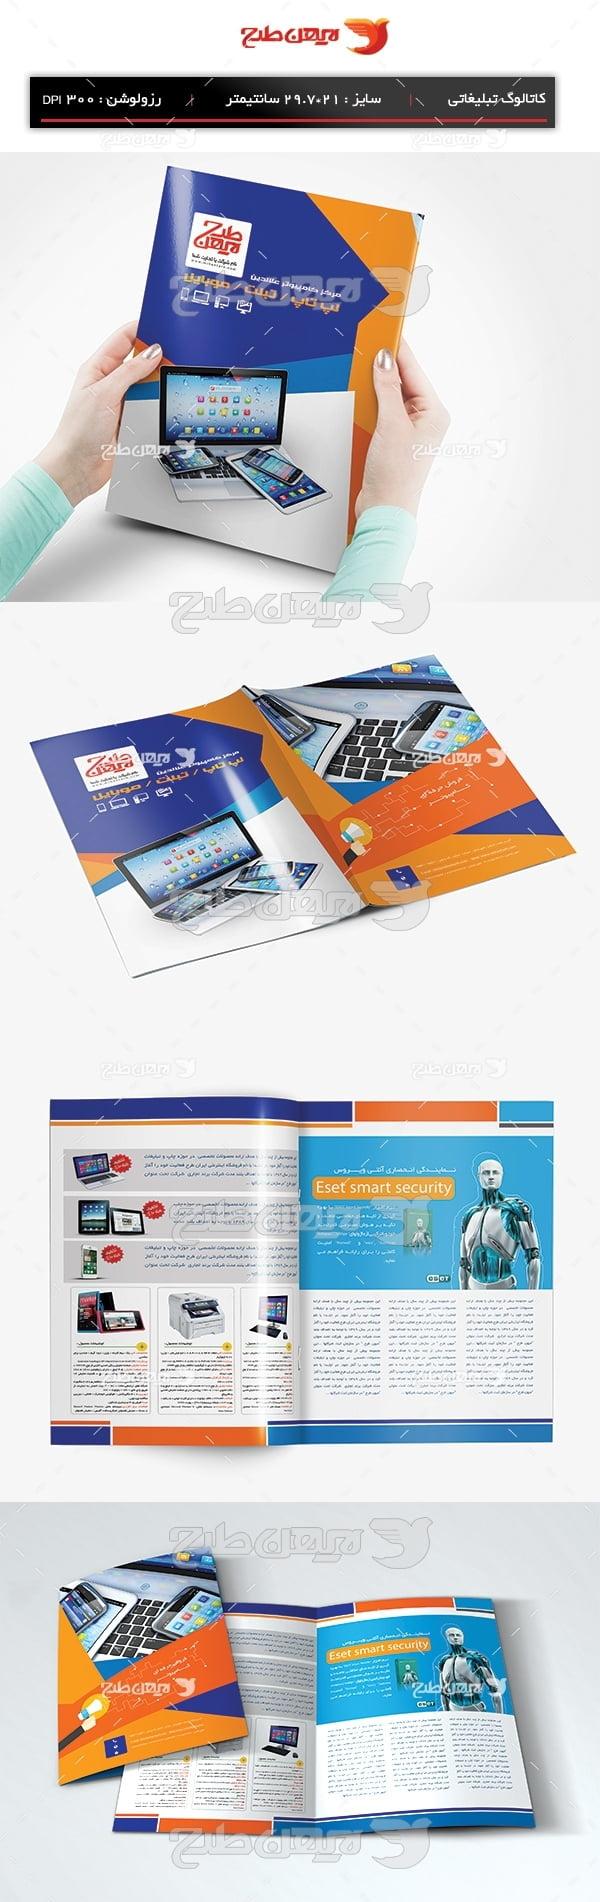 طرح کاتالوگ فروش محصولات کامپیوتر